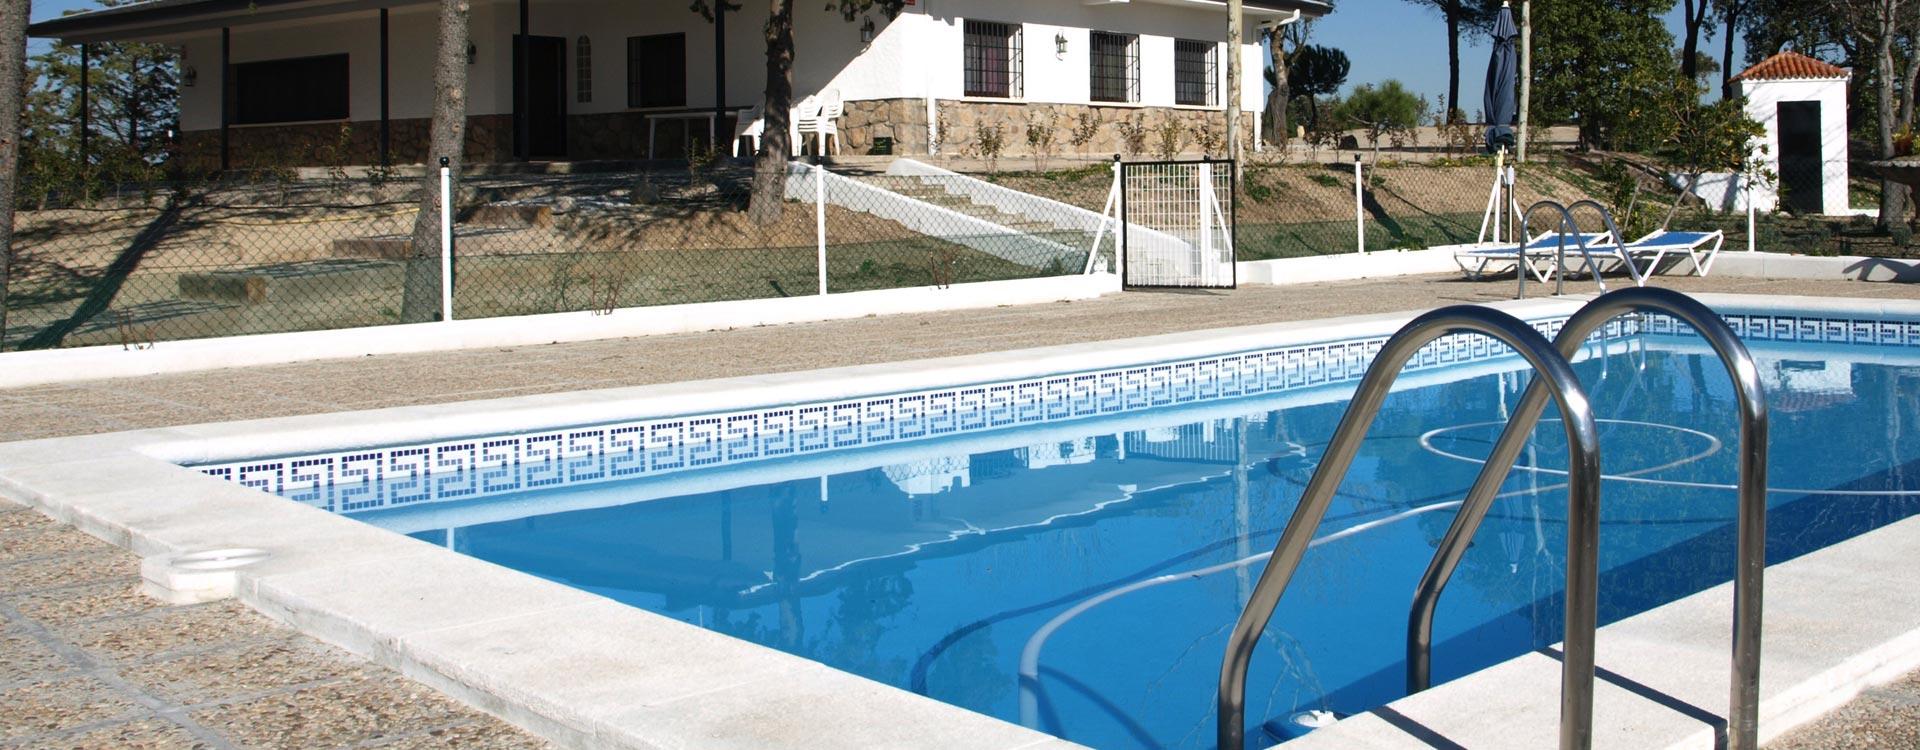 Totalmente equipada con piscina, solarium, cancha de baloncesto, barbacoa..